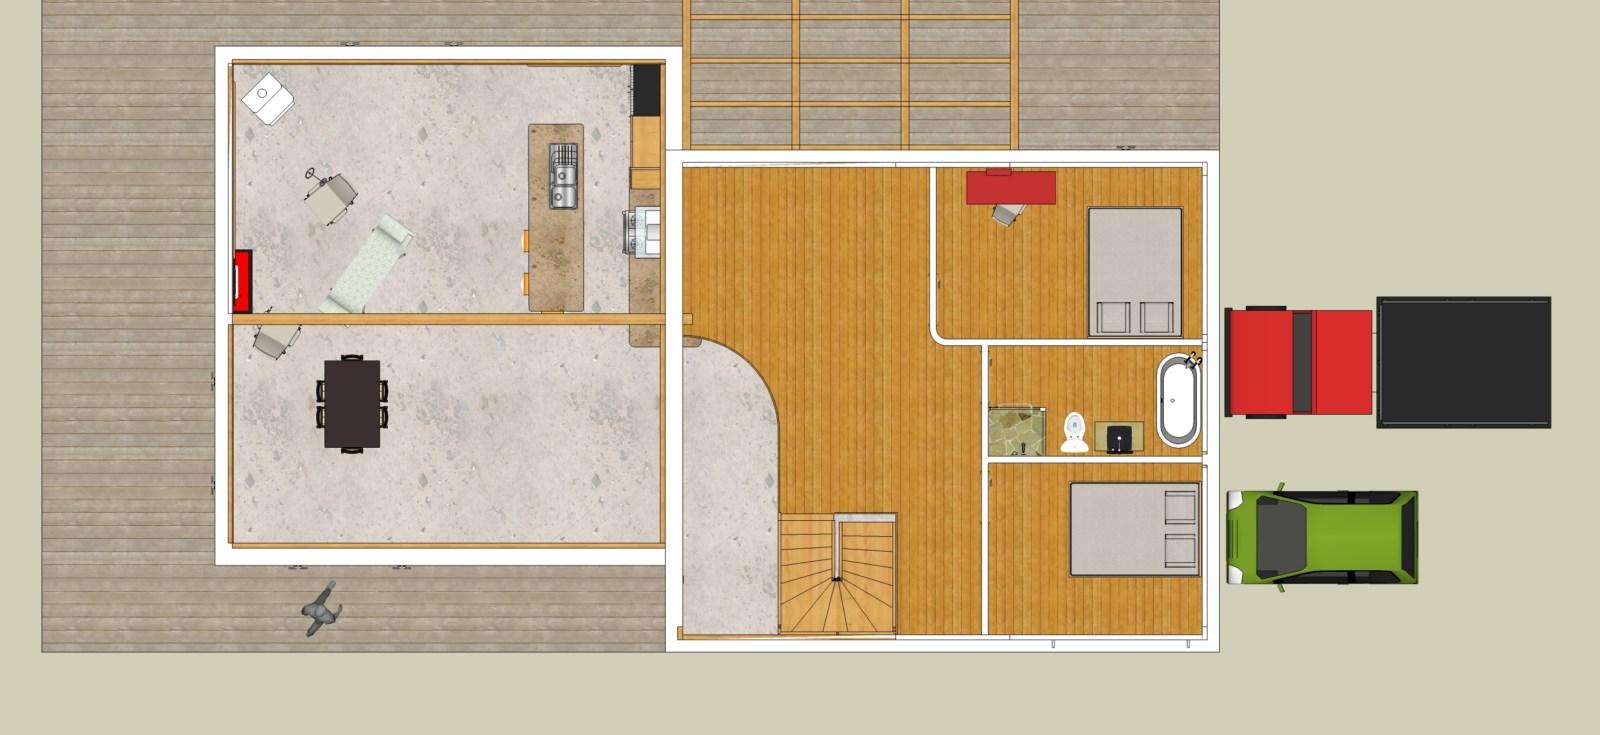 g-toit deux pentes 4 [1600x1200].jpg